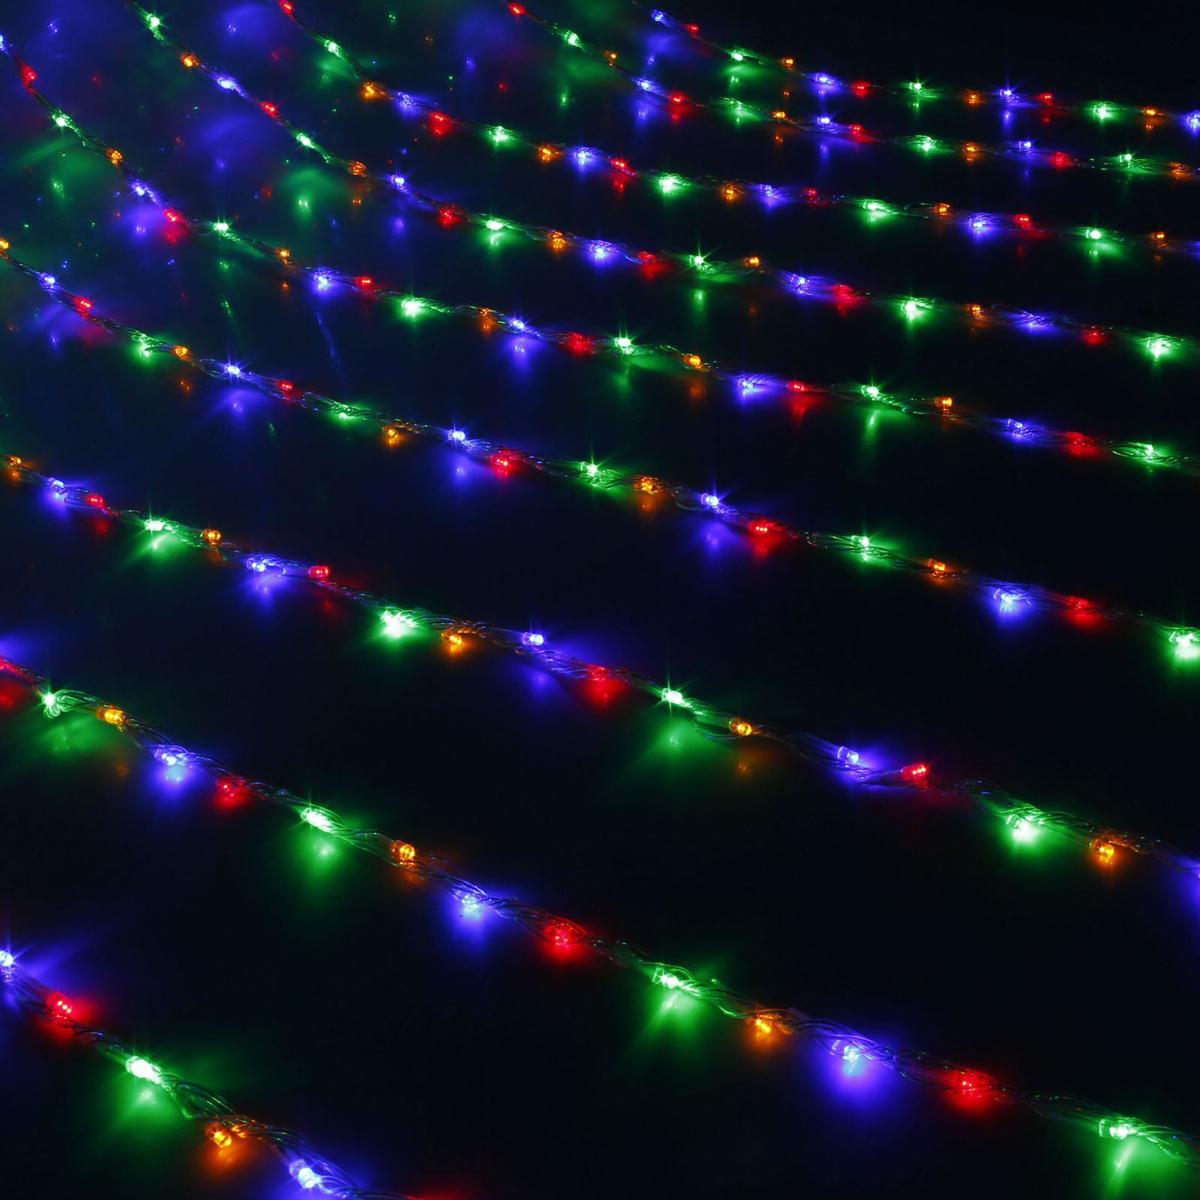 Гирлянда светодиодная Luazon Дождь, уличная, 8 режимов, 2000 ламп, 220 V, цвет: мультиколор, 2 х 9 м. 10801891080189Светодиодные гирлянды, ленты и т.д — это отличный вариант для новогоднего оформления интерьера или фасада. С их помощью помещение любого размера можно превратить в праздничный зал, а внешние элементы зданий, украшенные ими, мгновенно станут напоминать очертания сказочного дворца. Такие украшения создают ауру предвкушения чуда. Деревья, фасады, витрины, окна и арки будто специально созданы, чтобы вы украсили их светящимися нитями.